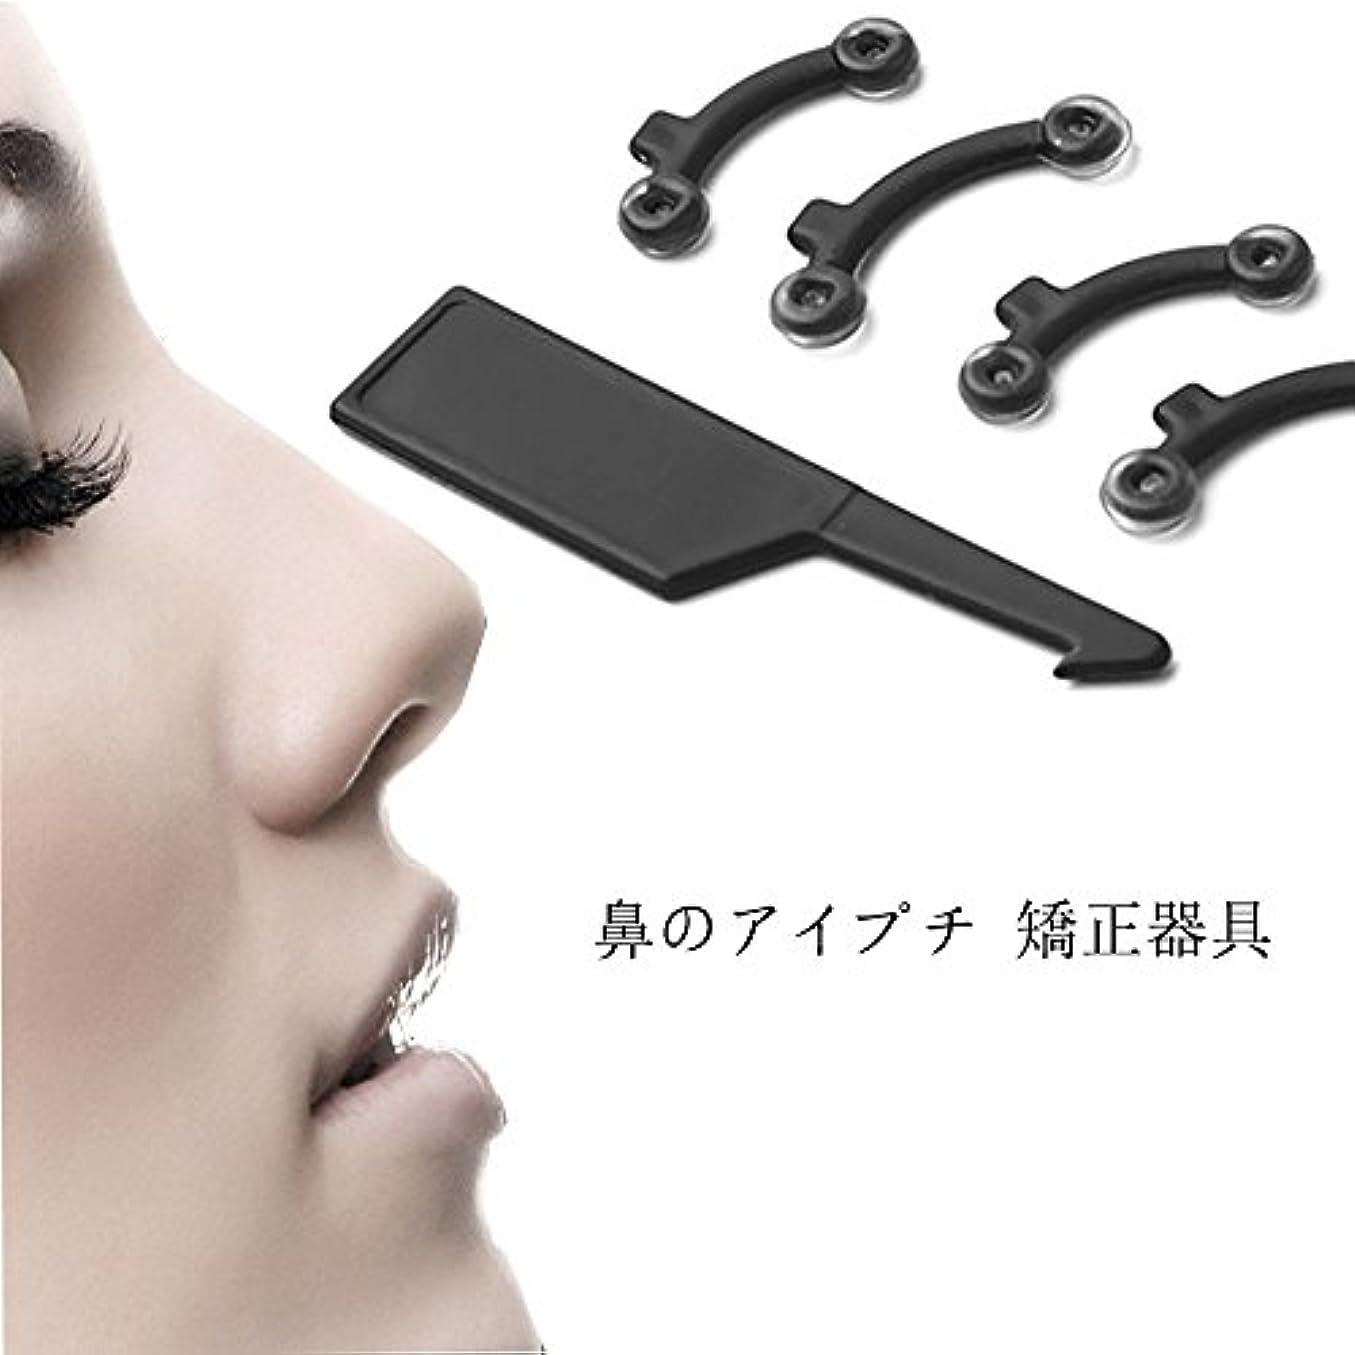 呼ぶアンテナイースターHotGame 鼻プチ コポン柔軟性高く 鼻筋スラりん 鼻パッド 美容 鼻のアイプチ 矯正器具 プチ整形 痛くない